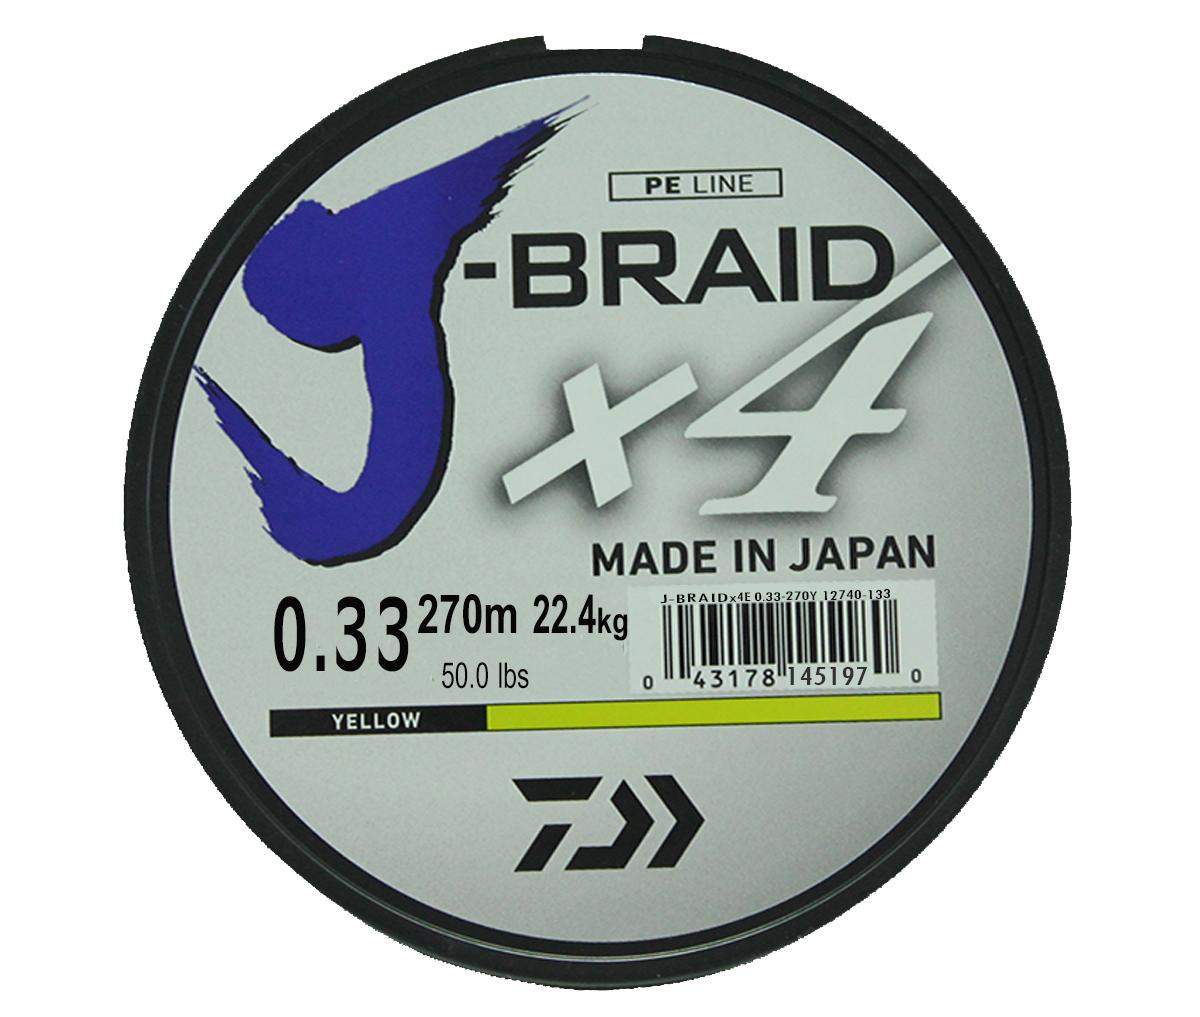 Шнур плетеный Daiwa J-Braid X4, цвет: флуоресцентный желтый, 270 м, 0,33 мм61156Новый 4х жильный шнур J-Braid, DAIWA - шнур высокого класса с удивительным соотношением цены и качества. Качество плетения полностью соответствует японским стандартам и удовлетворяет всем требованиям. Представленные диаметры позволяют использовать шнур для всех техник ловли, начиная от ultra- light ловли окуня, до морской ловли палтуса, трески и т.д